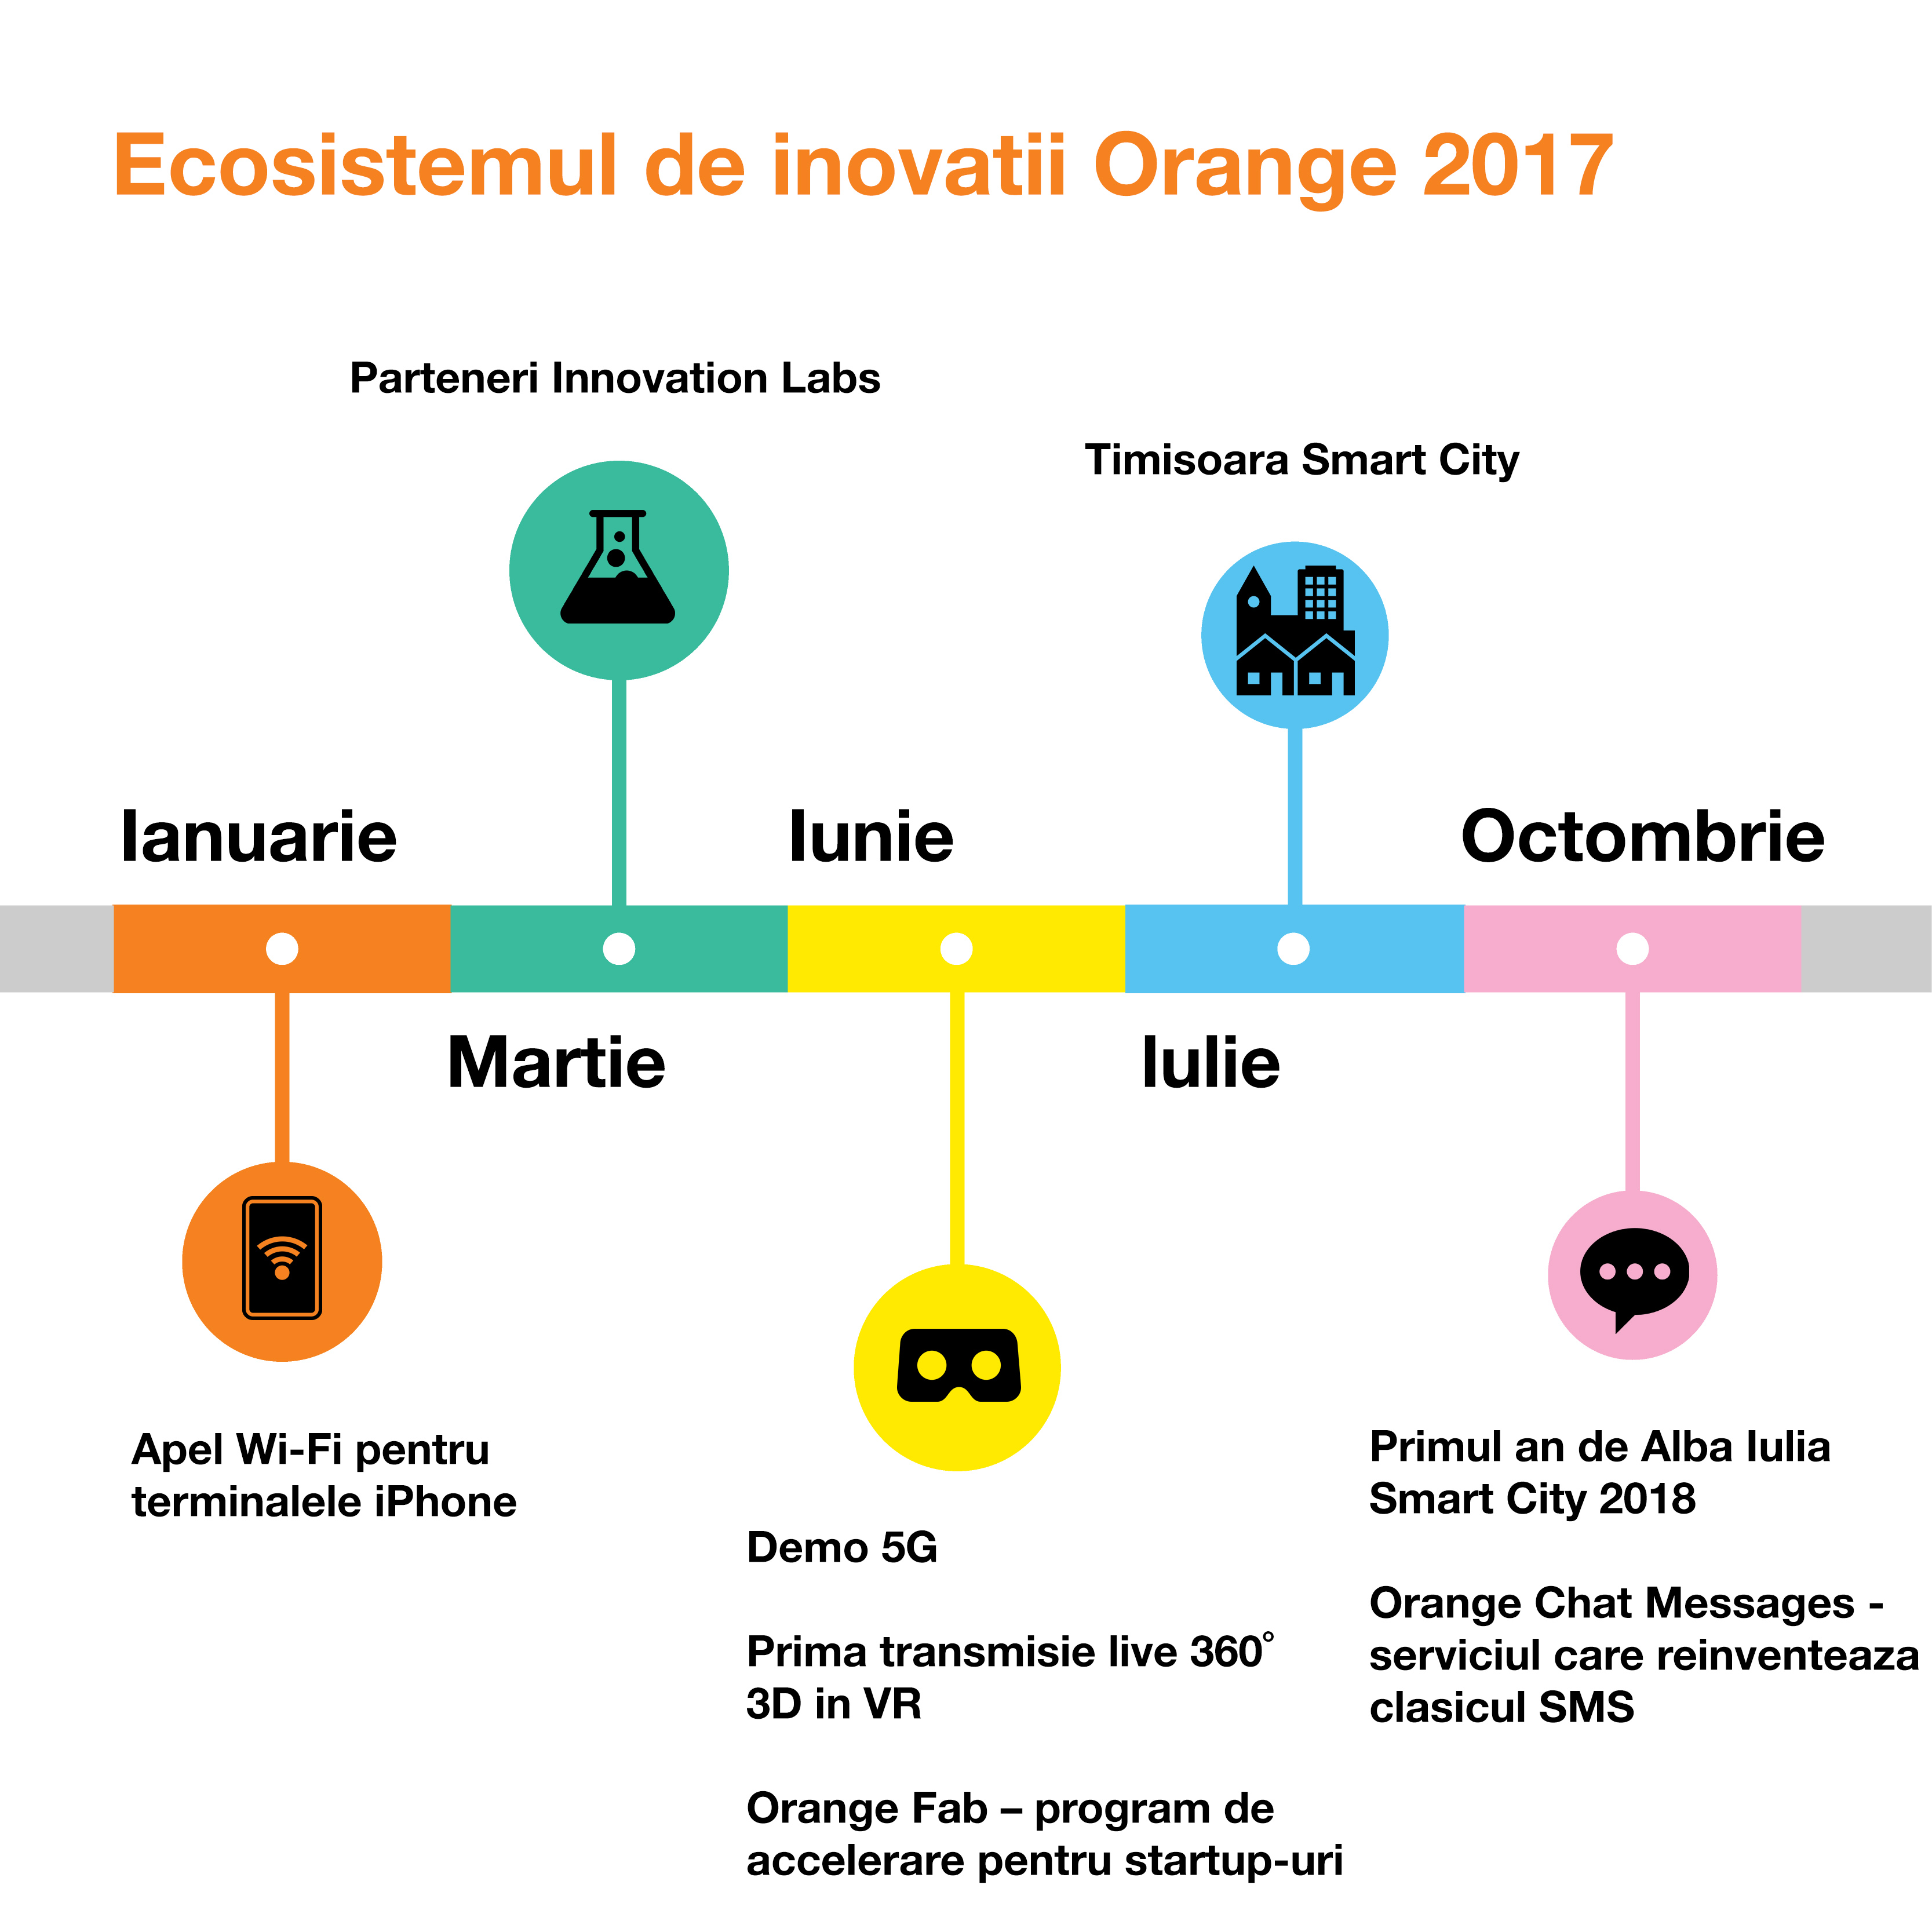 Ecosistemul de inovatii Orange 2017